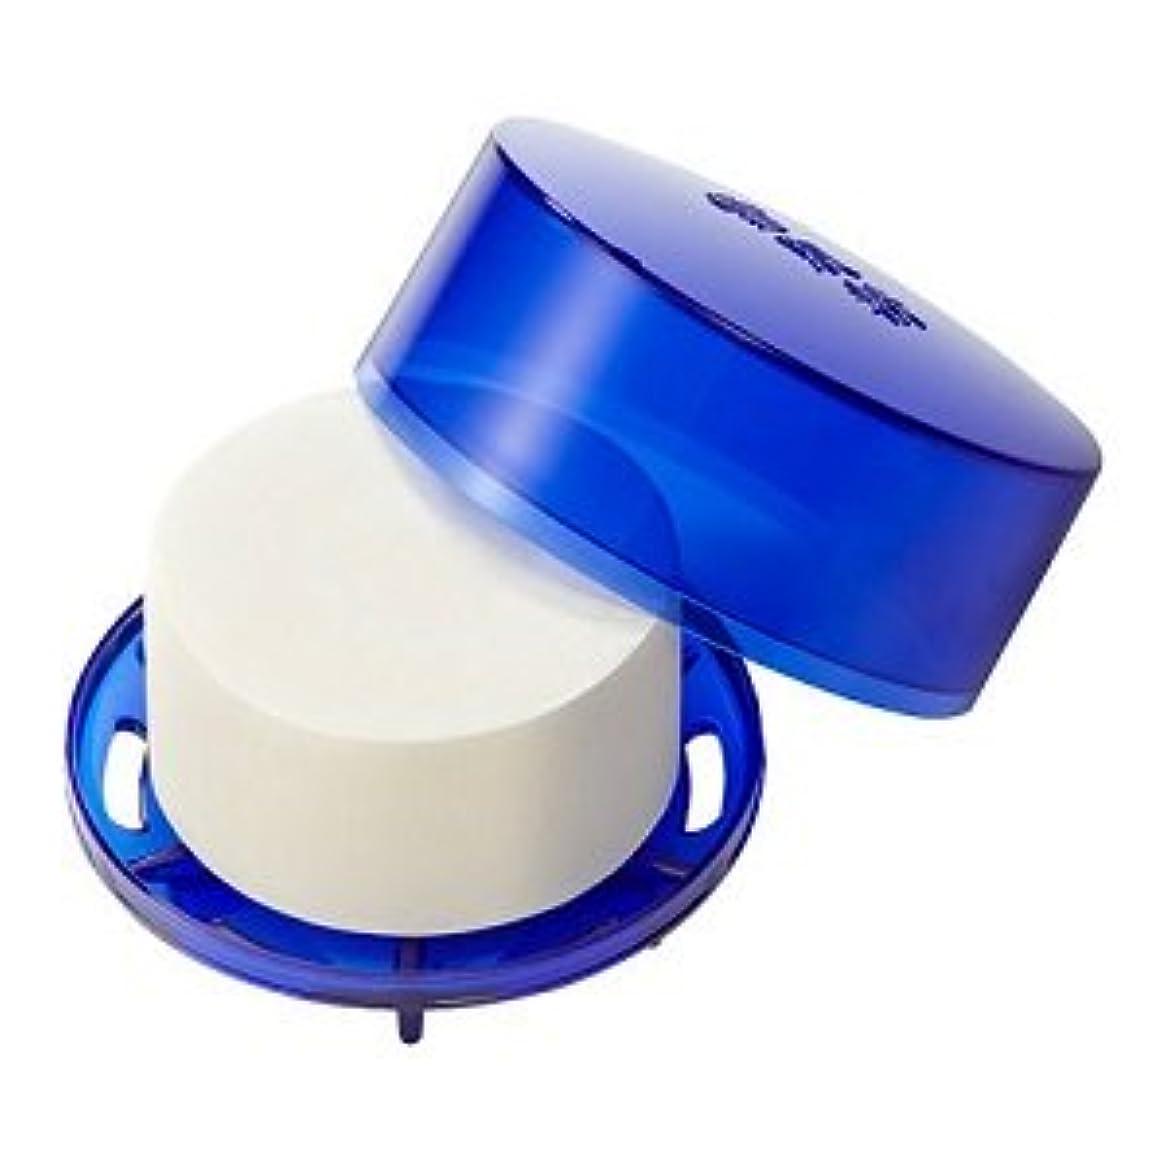 合理化クラフトジョセフバンクスコーセー 雪肌精 化粧水仕立て 石けん 100g アウトレット